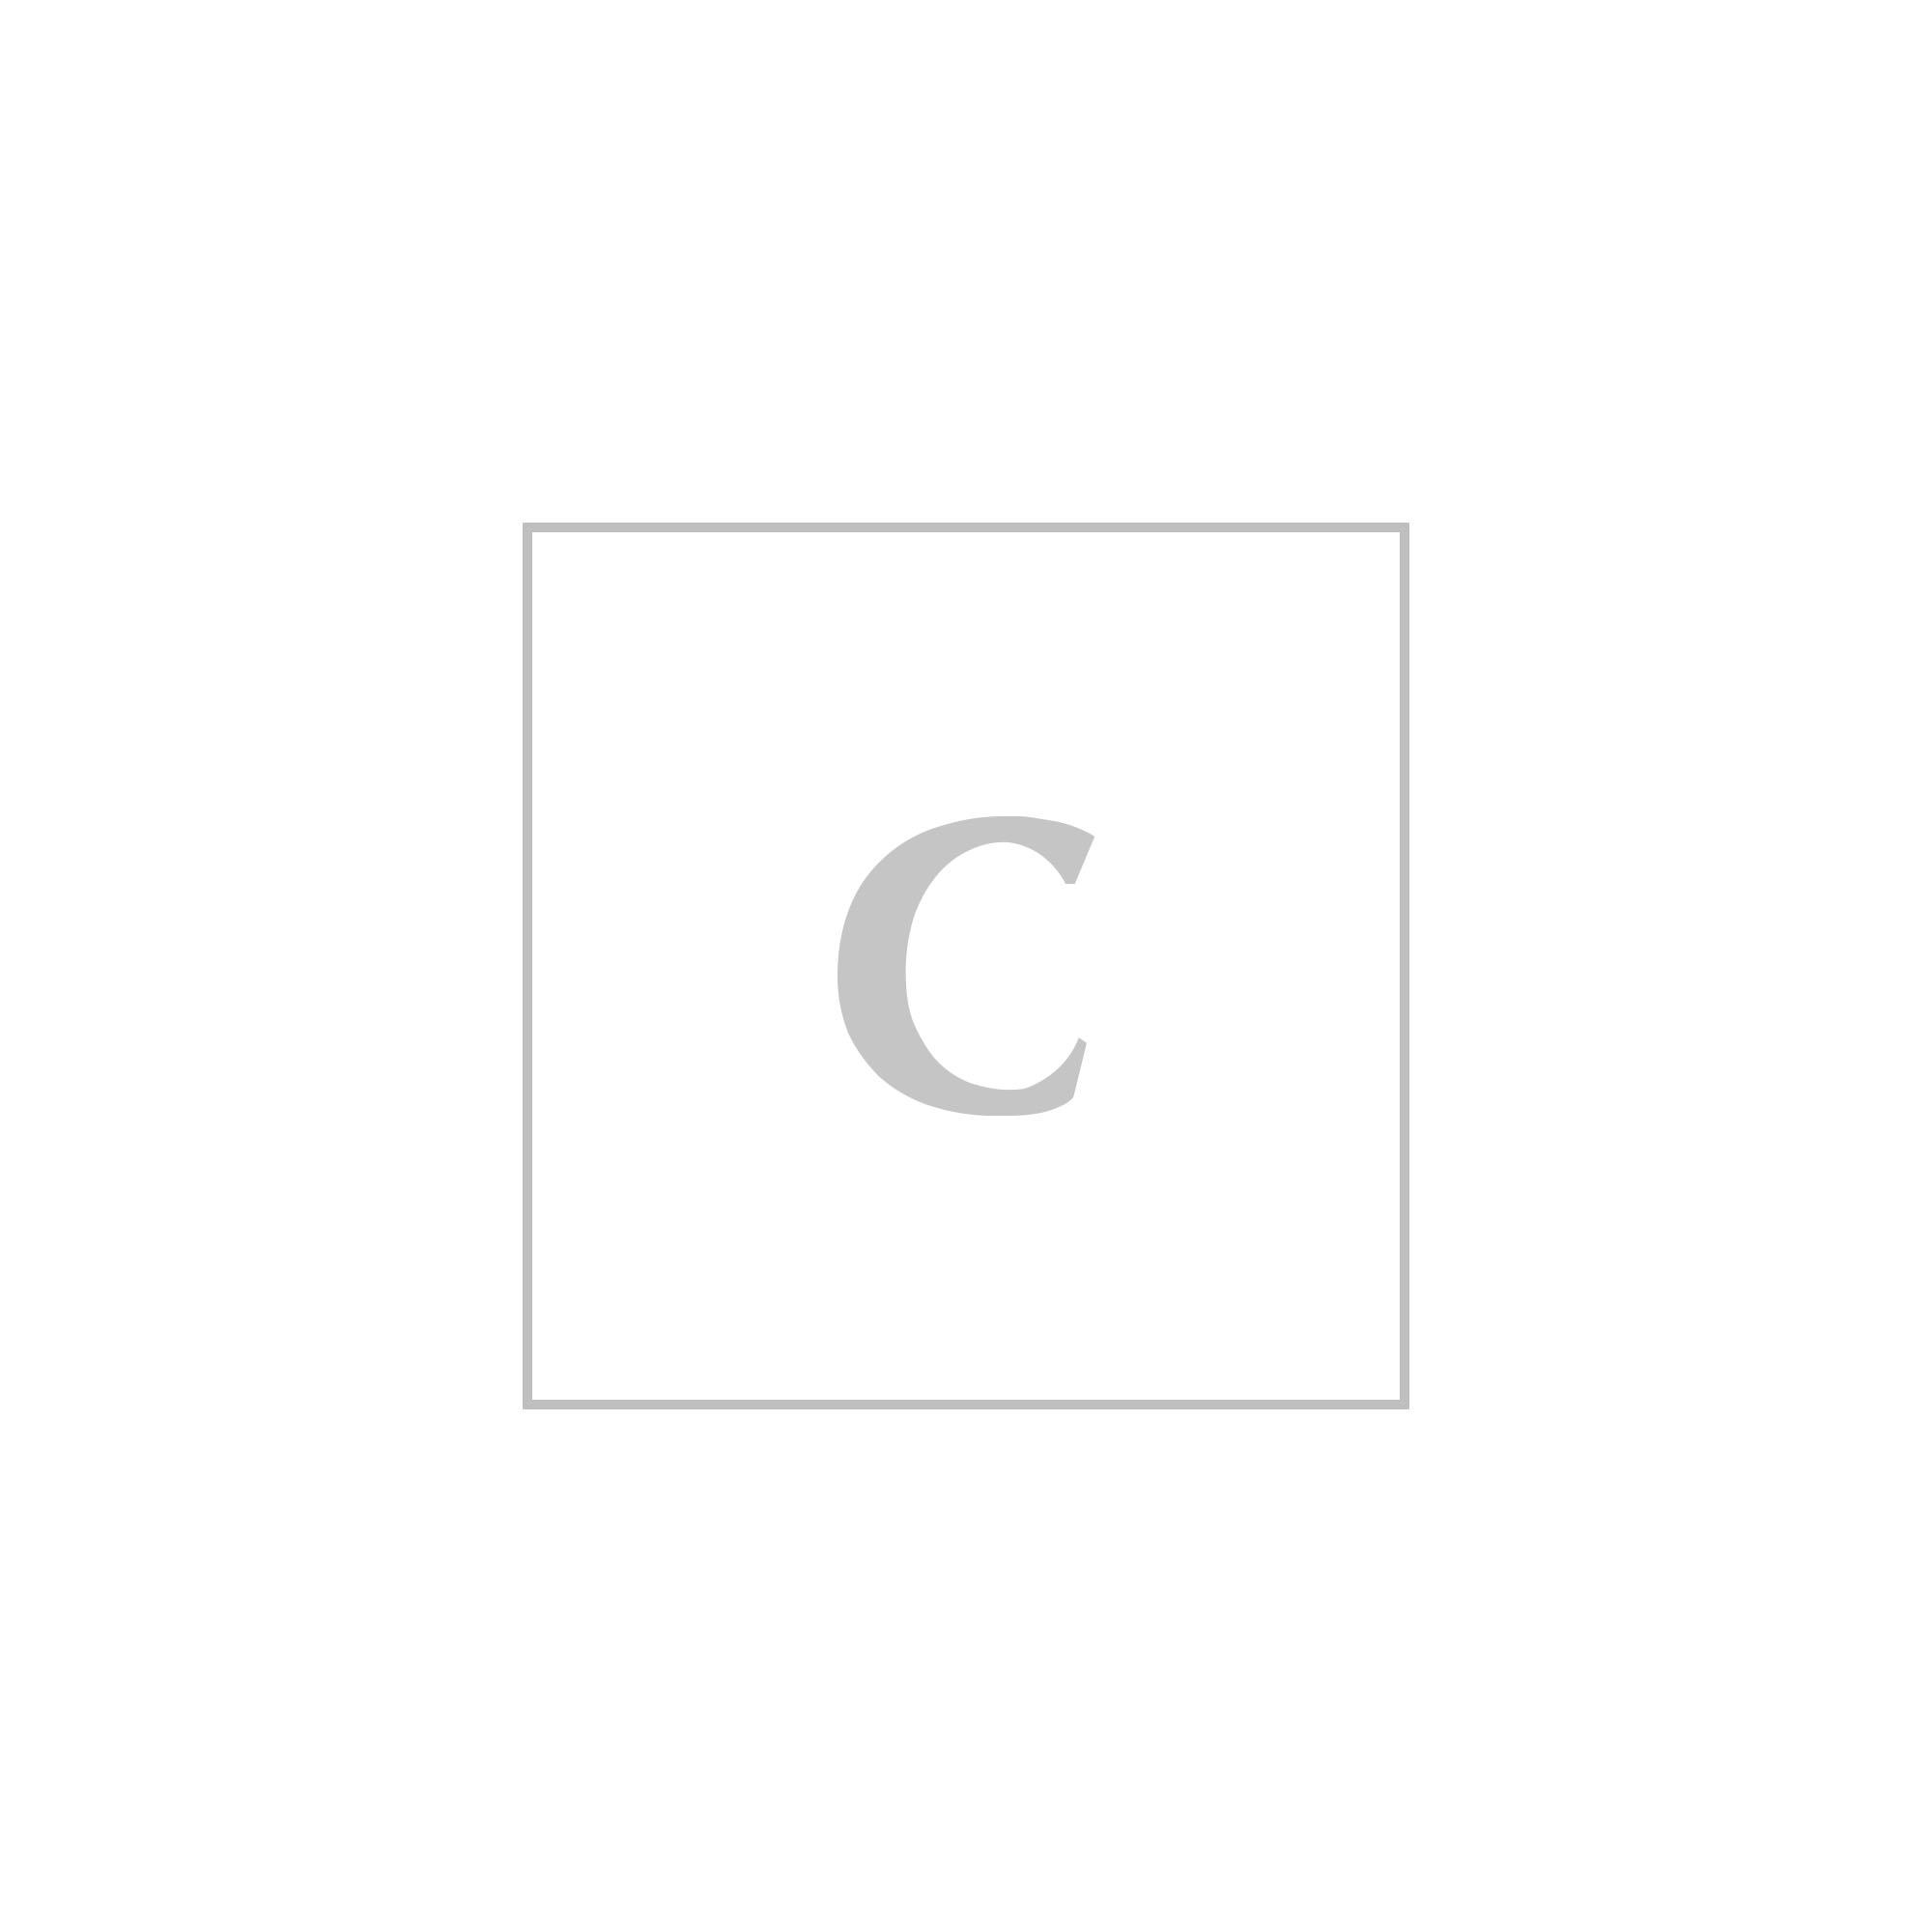 Fendi elite calfskin cardholder